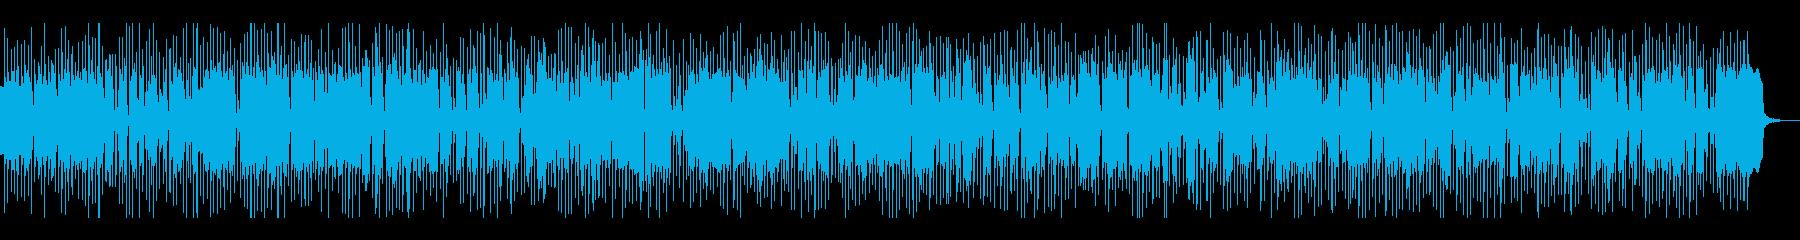 グルービー、シンセ系ディスコテクノビートの再生済みの波形